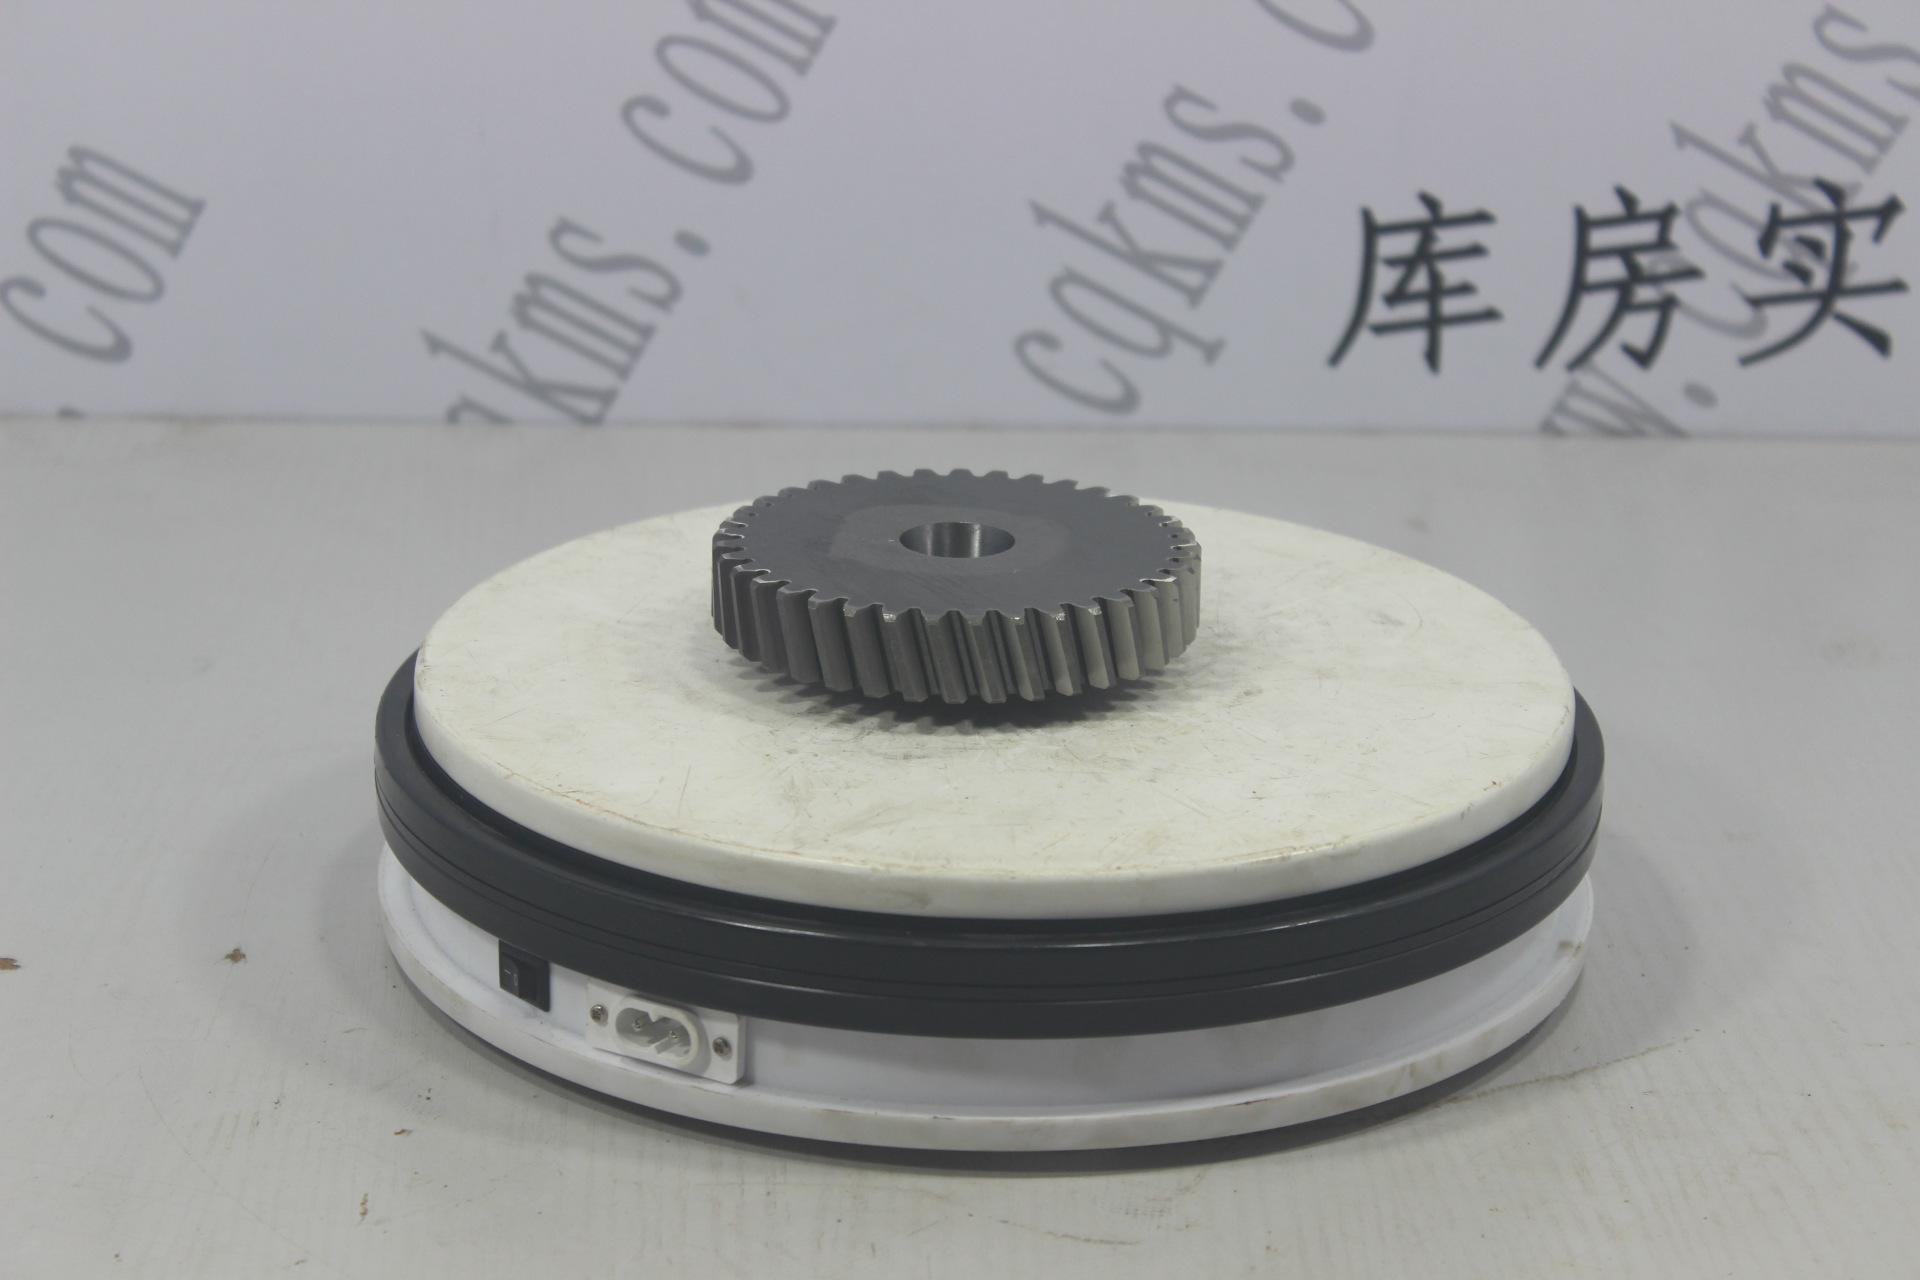 kms01847-3960345-空压机齿轮----参考重量1.05kg-1.05kg图片2